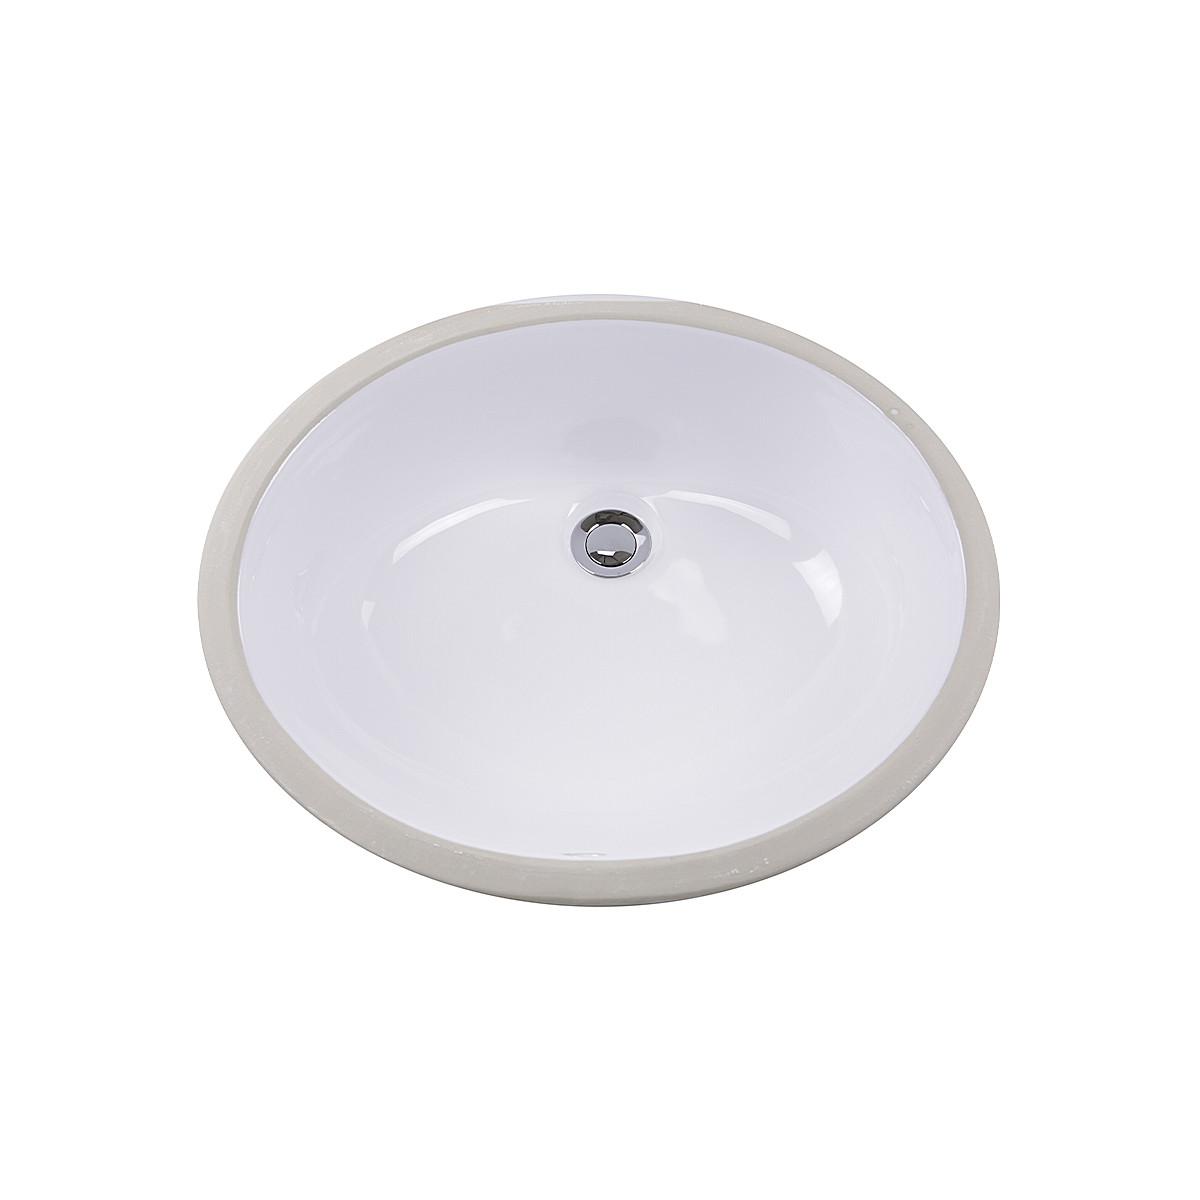 Nantucket Sinks GB-15x12-W Glazed Bottom Undermount Oval Ceramic Sink In White